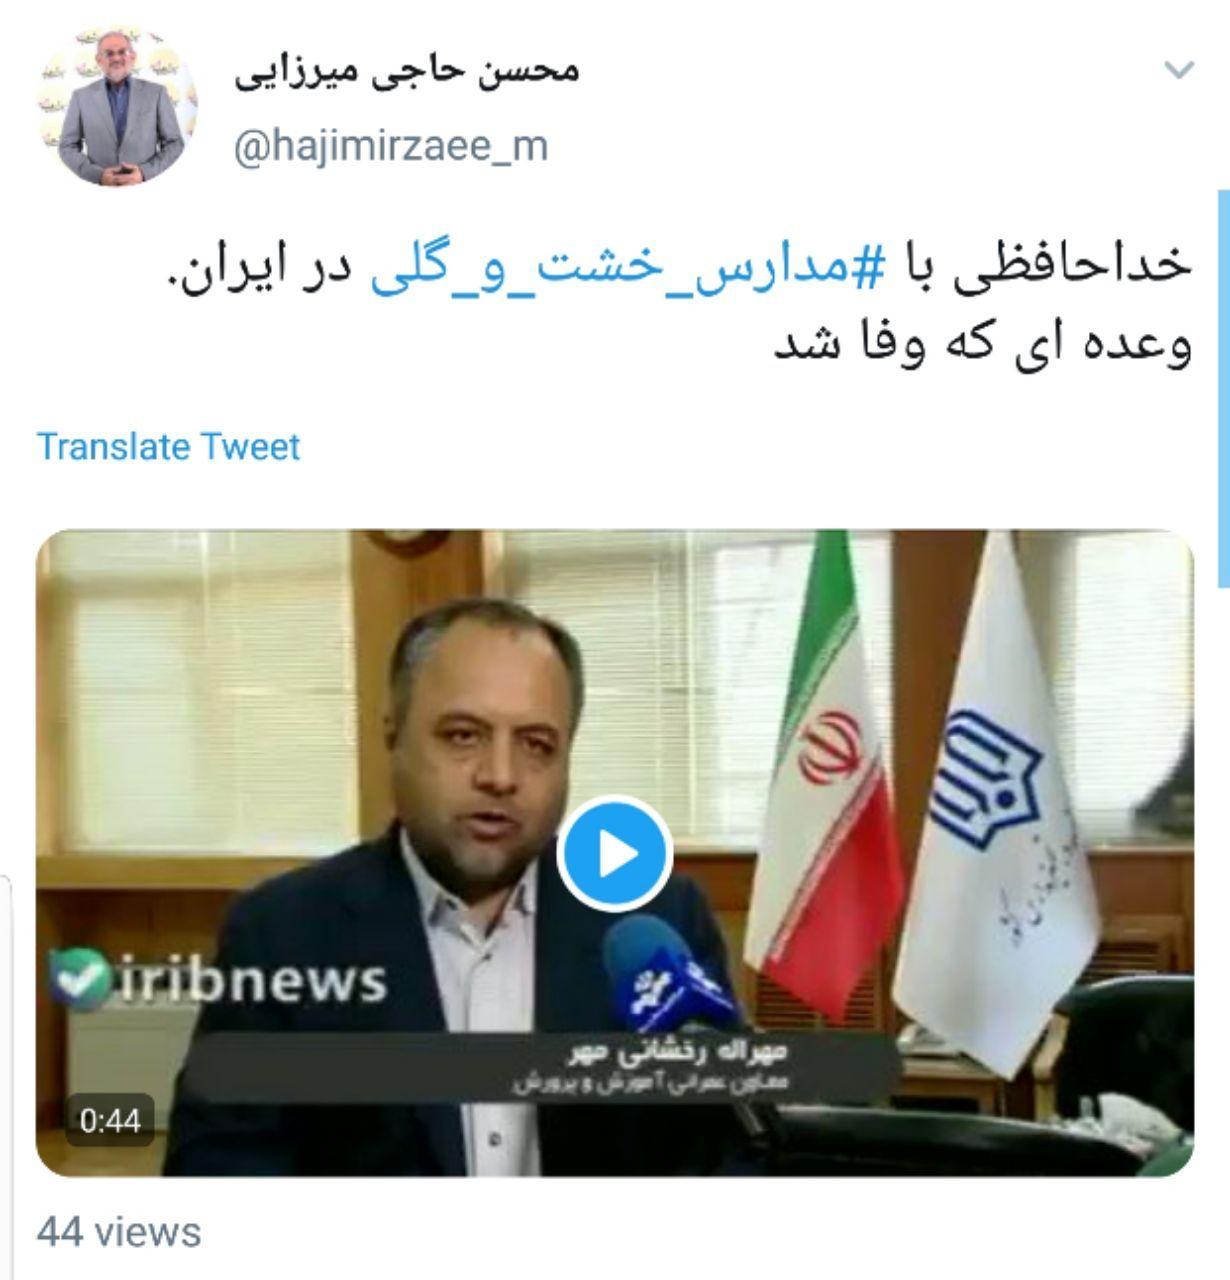 خداحافظی با مدارس خشت و گلی در ایران